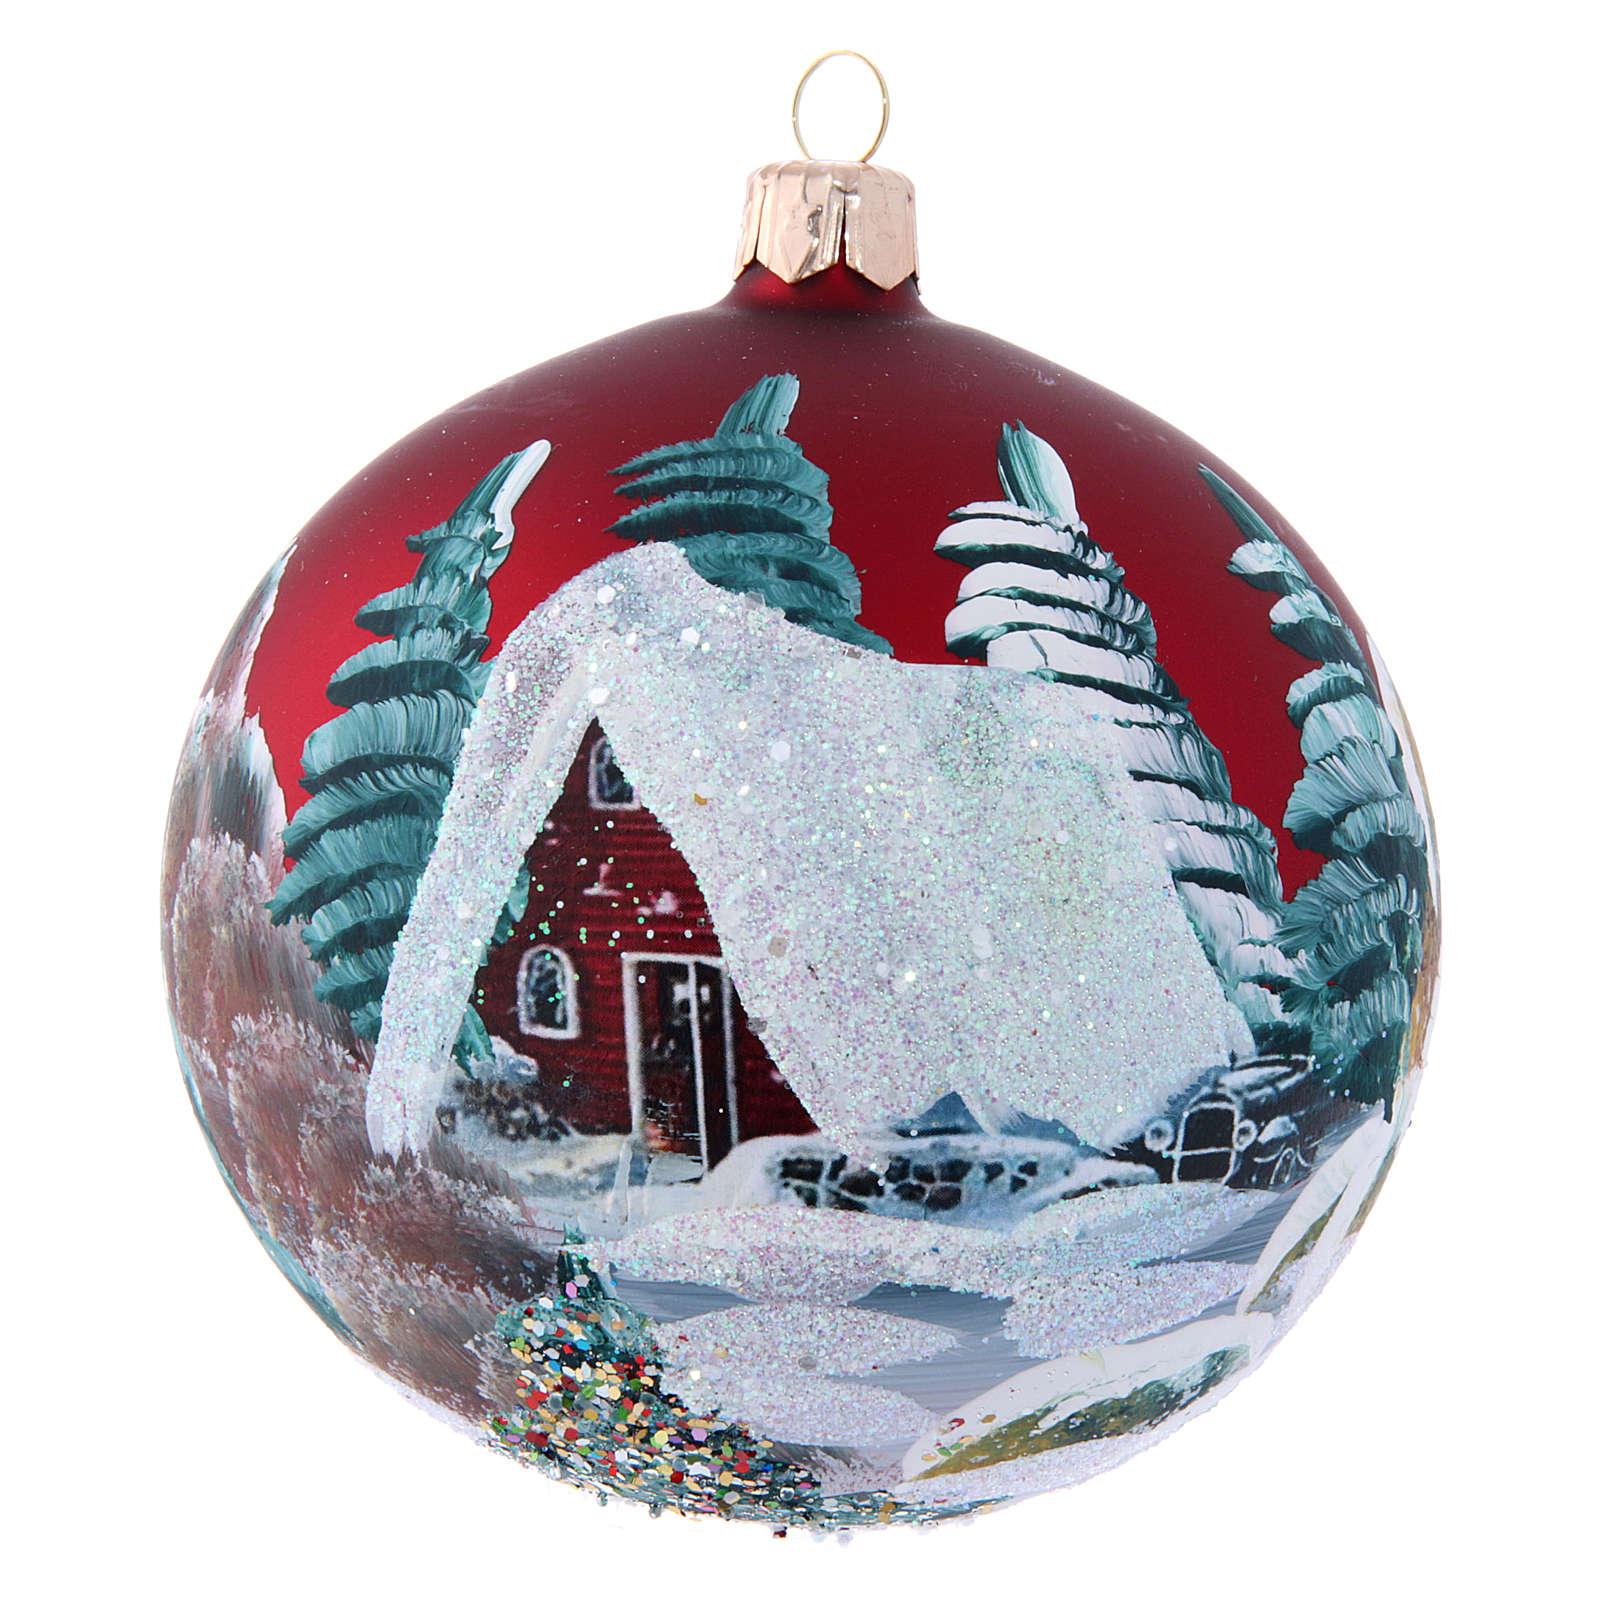 Burgundy Christmas ball and houses 100 mm 4